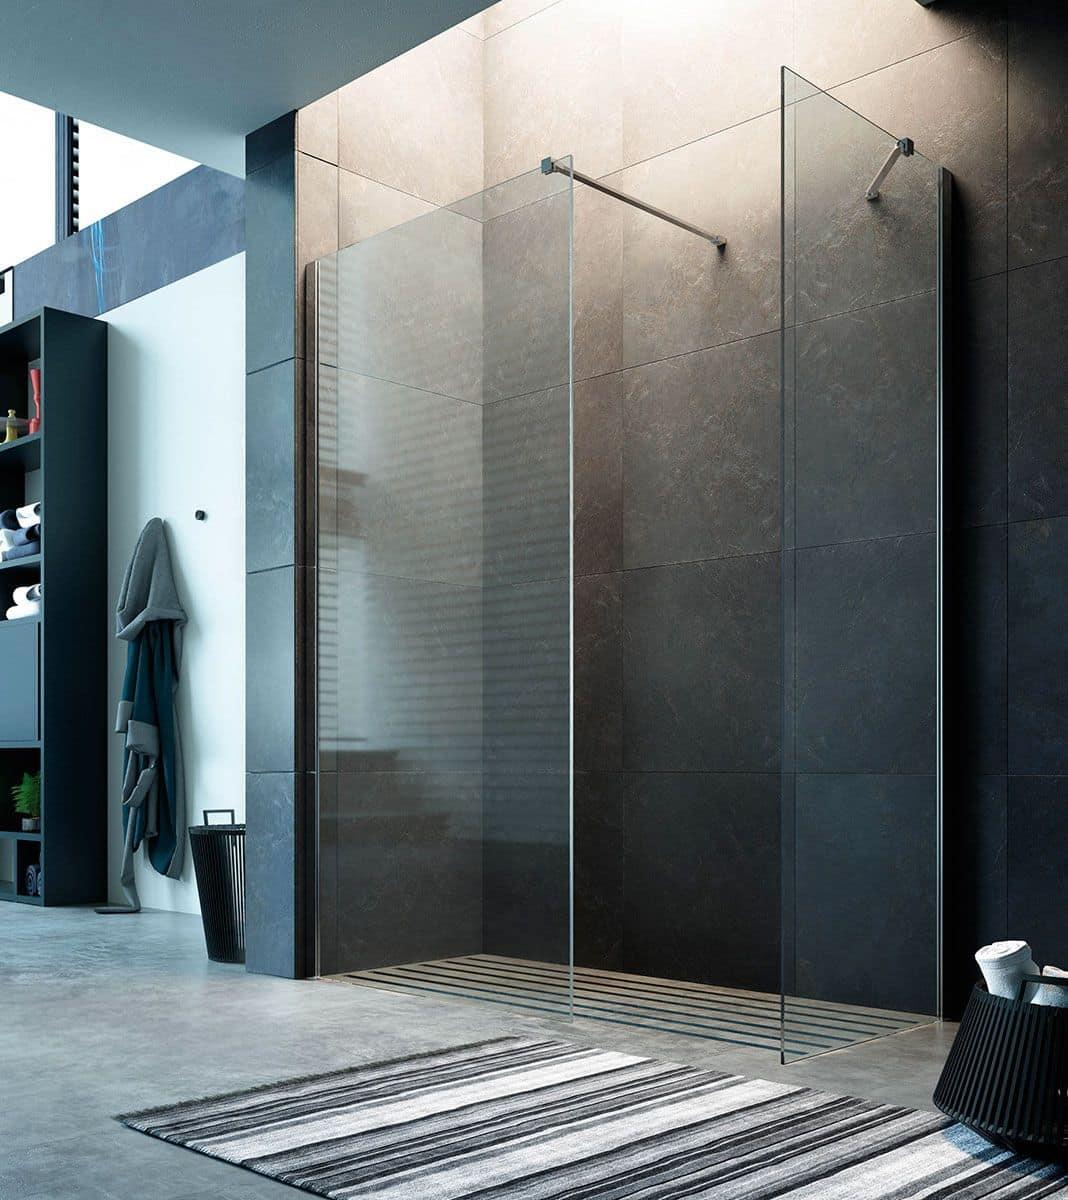 Chiusura doccia walkin installazione a pavimento o su